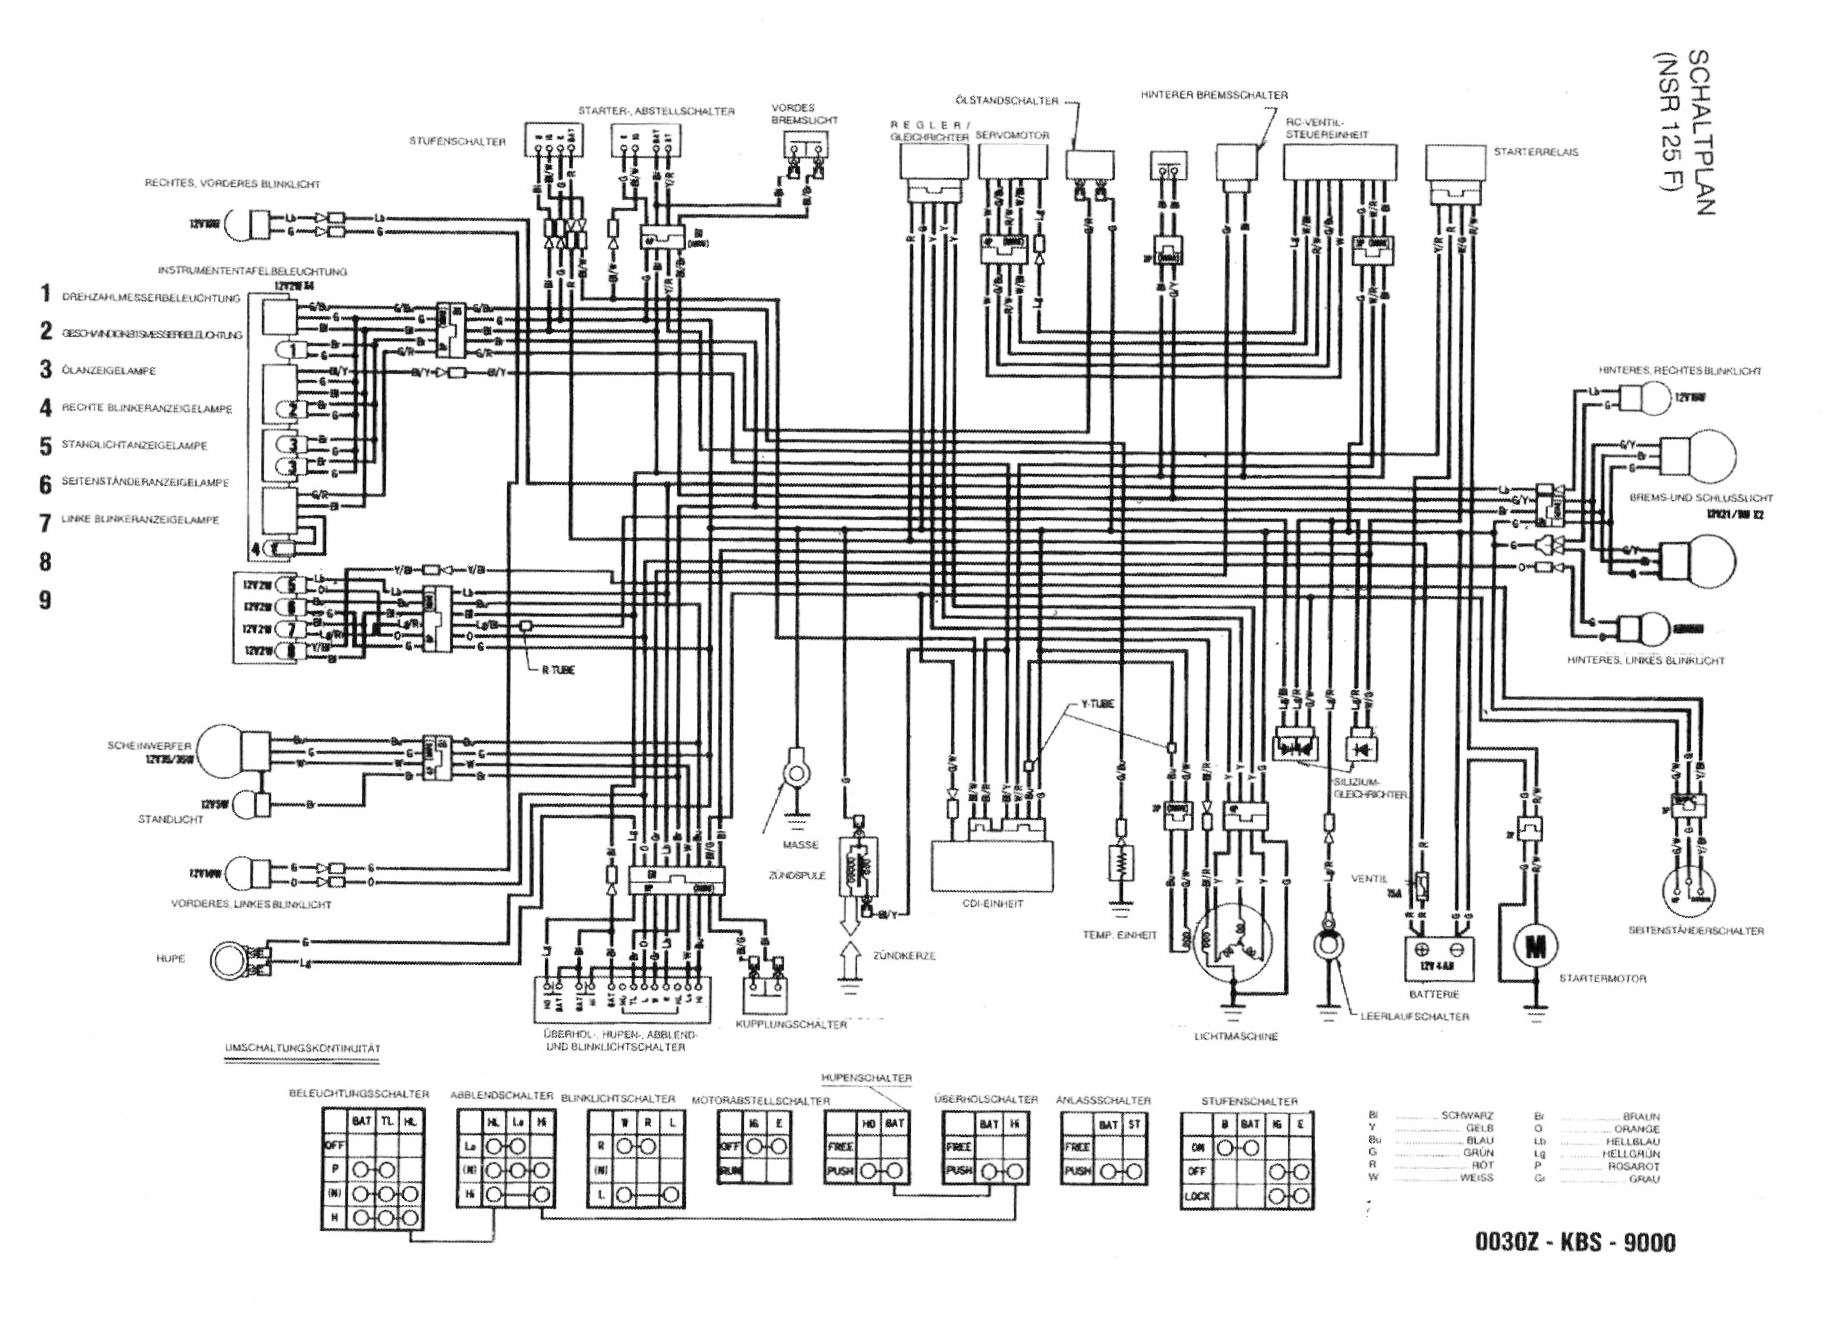 2007 Cbr1000rr Wiring Diagram Schaltplan Nsr 125 Seite 2